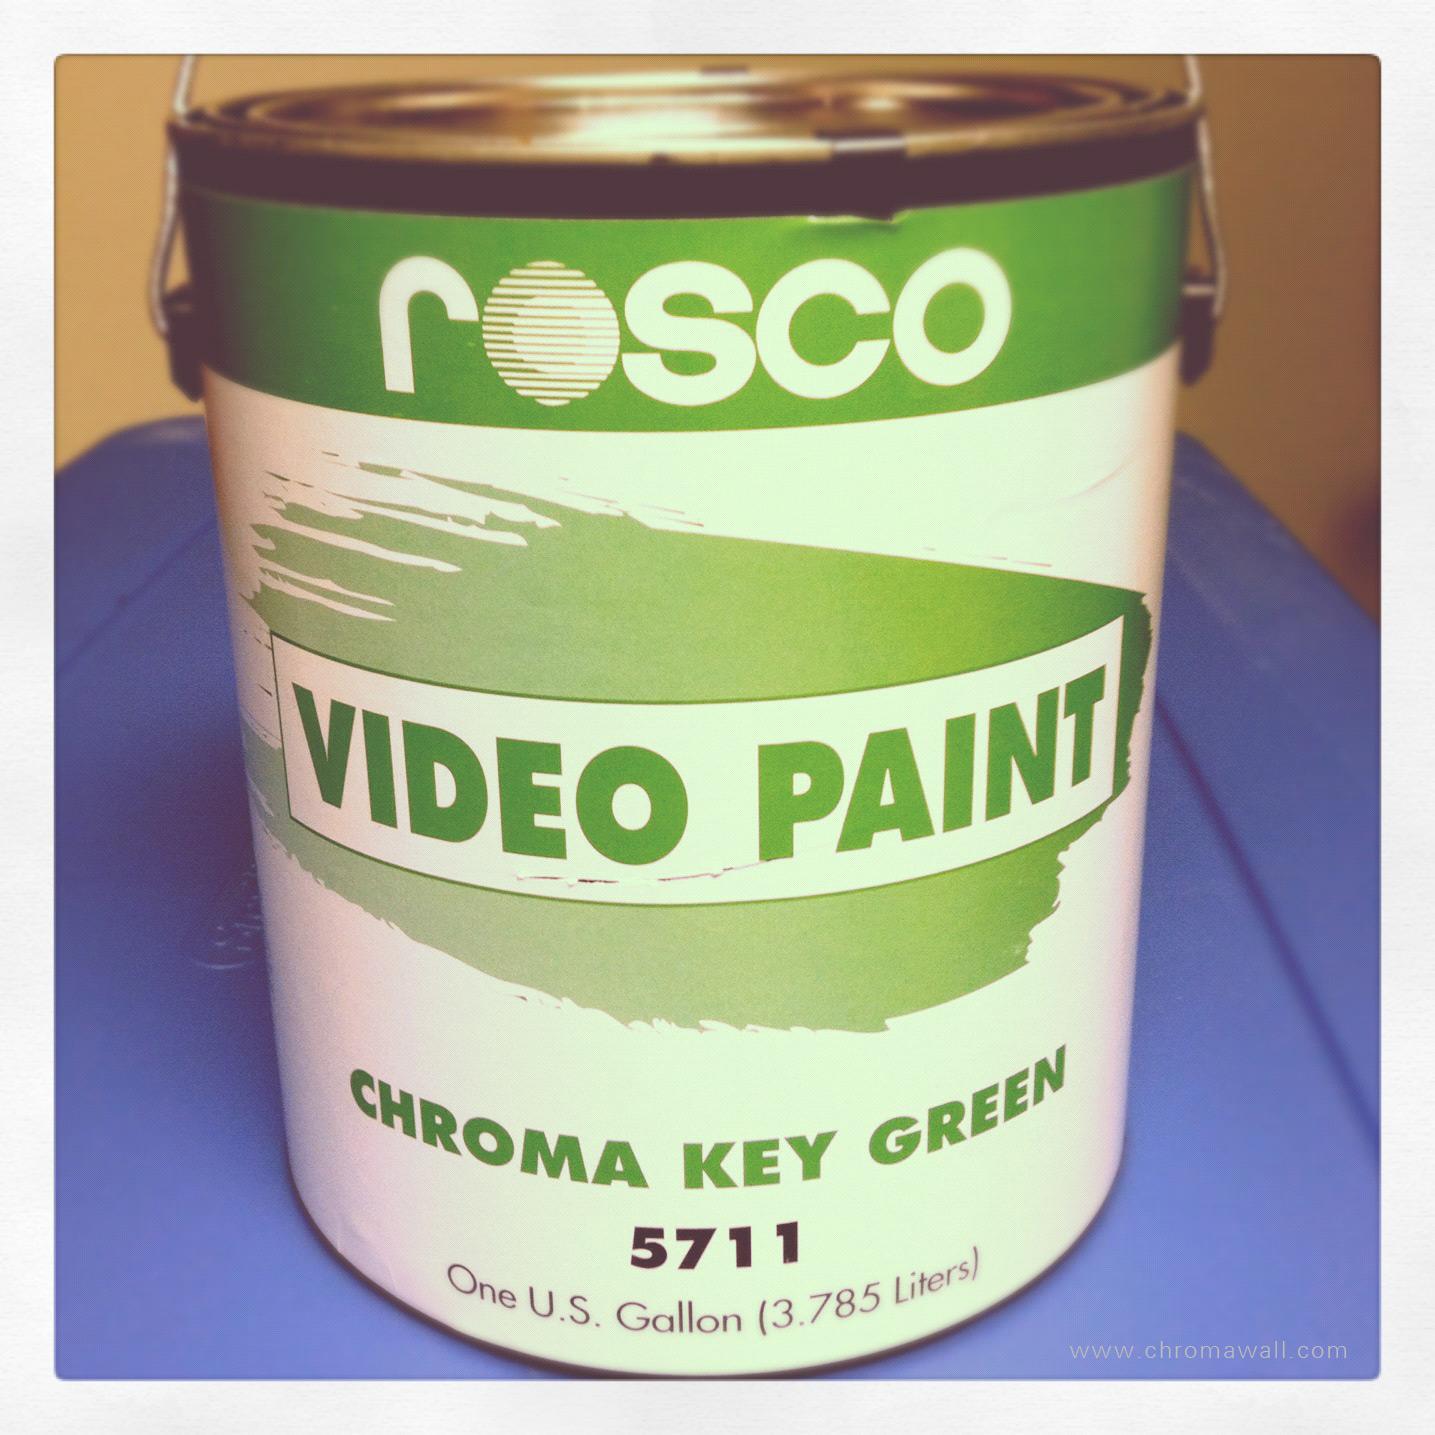 Rosco Chroma Key Paint